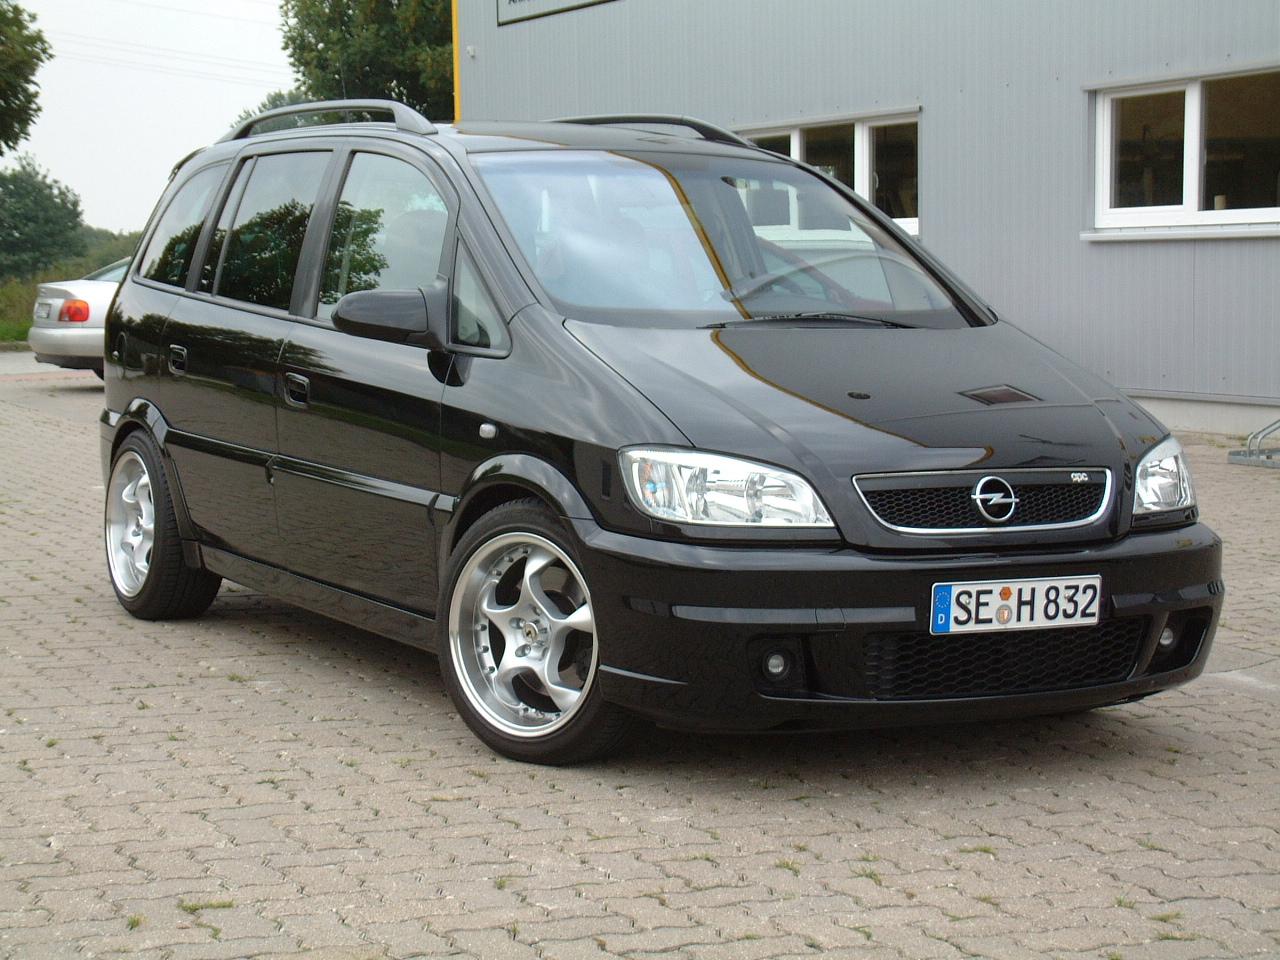 Opel Zafira Space 1 Tlg 17 Zoll Opel Bildergalerie